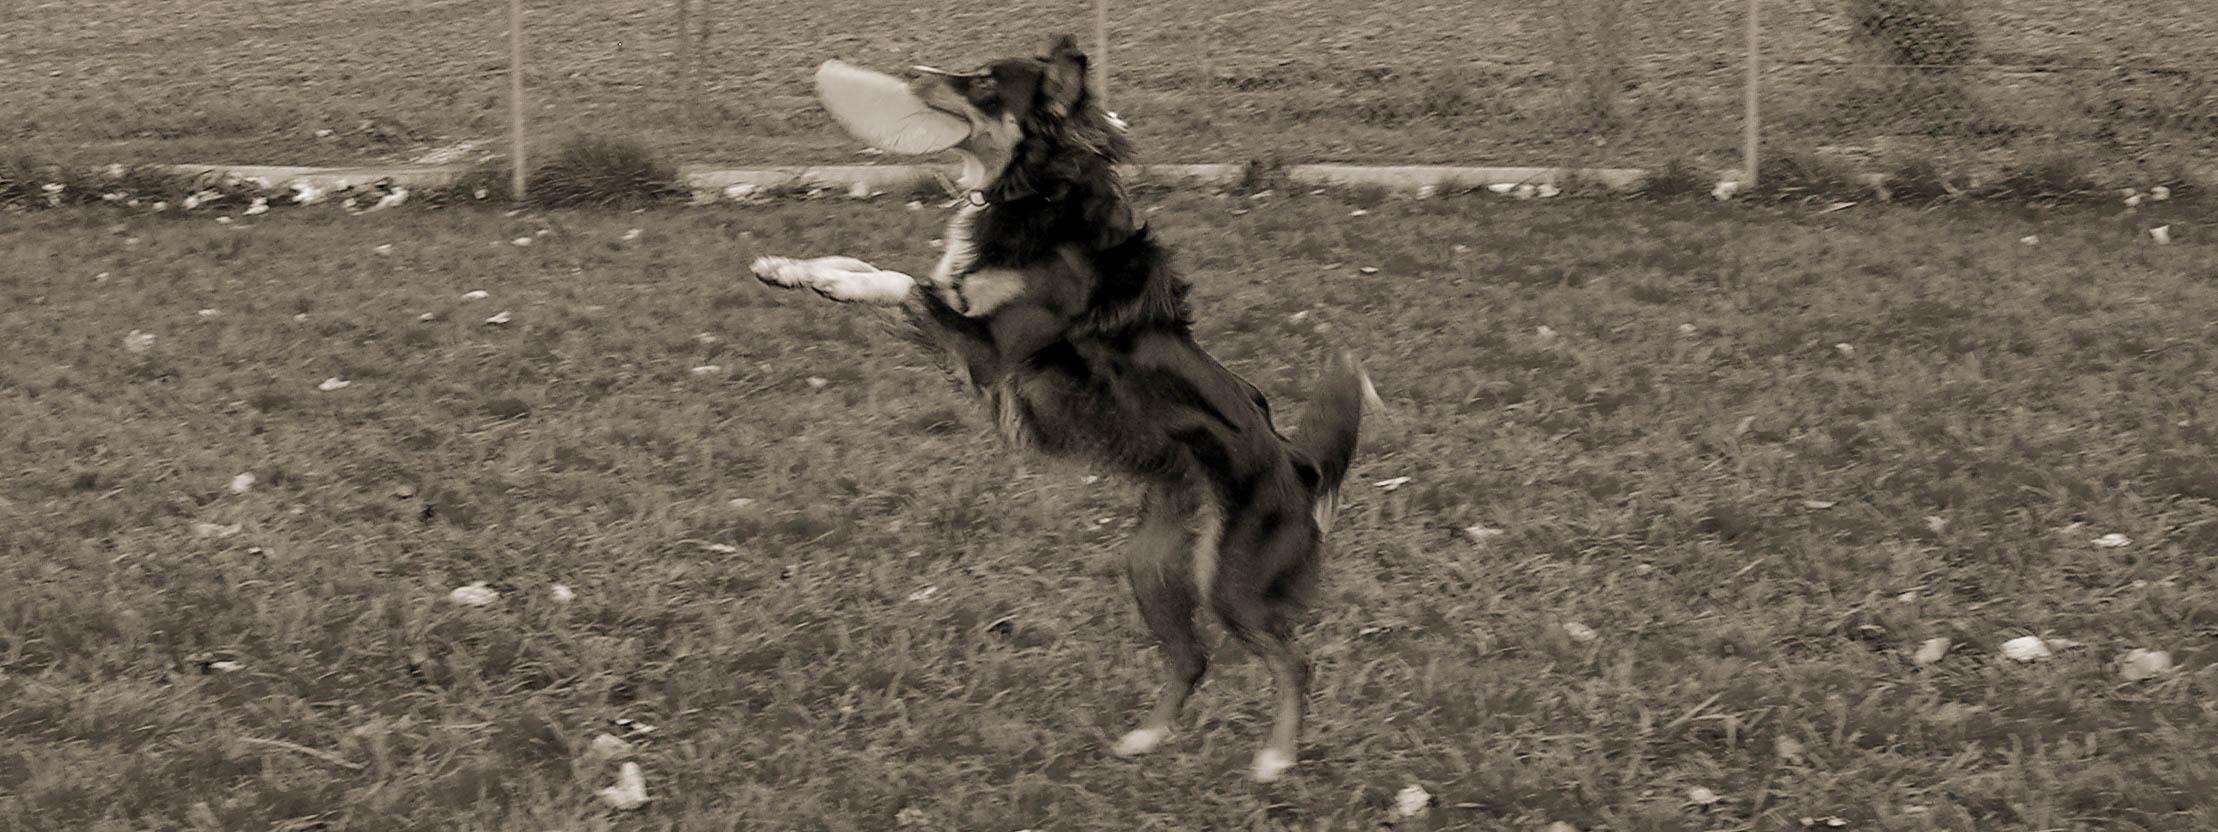 Hütehund springt in die Luft und fängt eine Frisbee